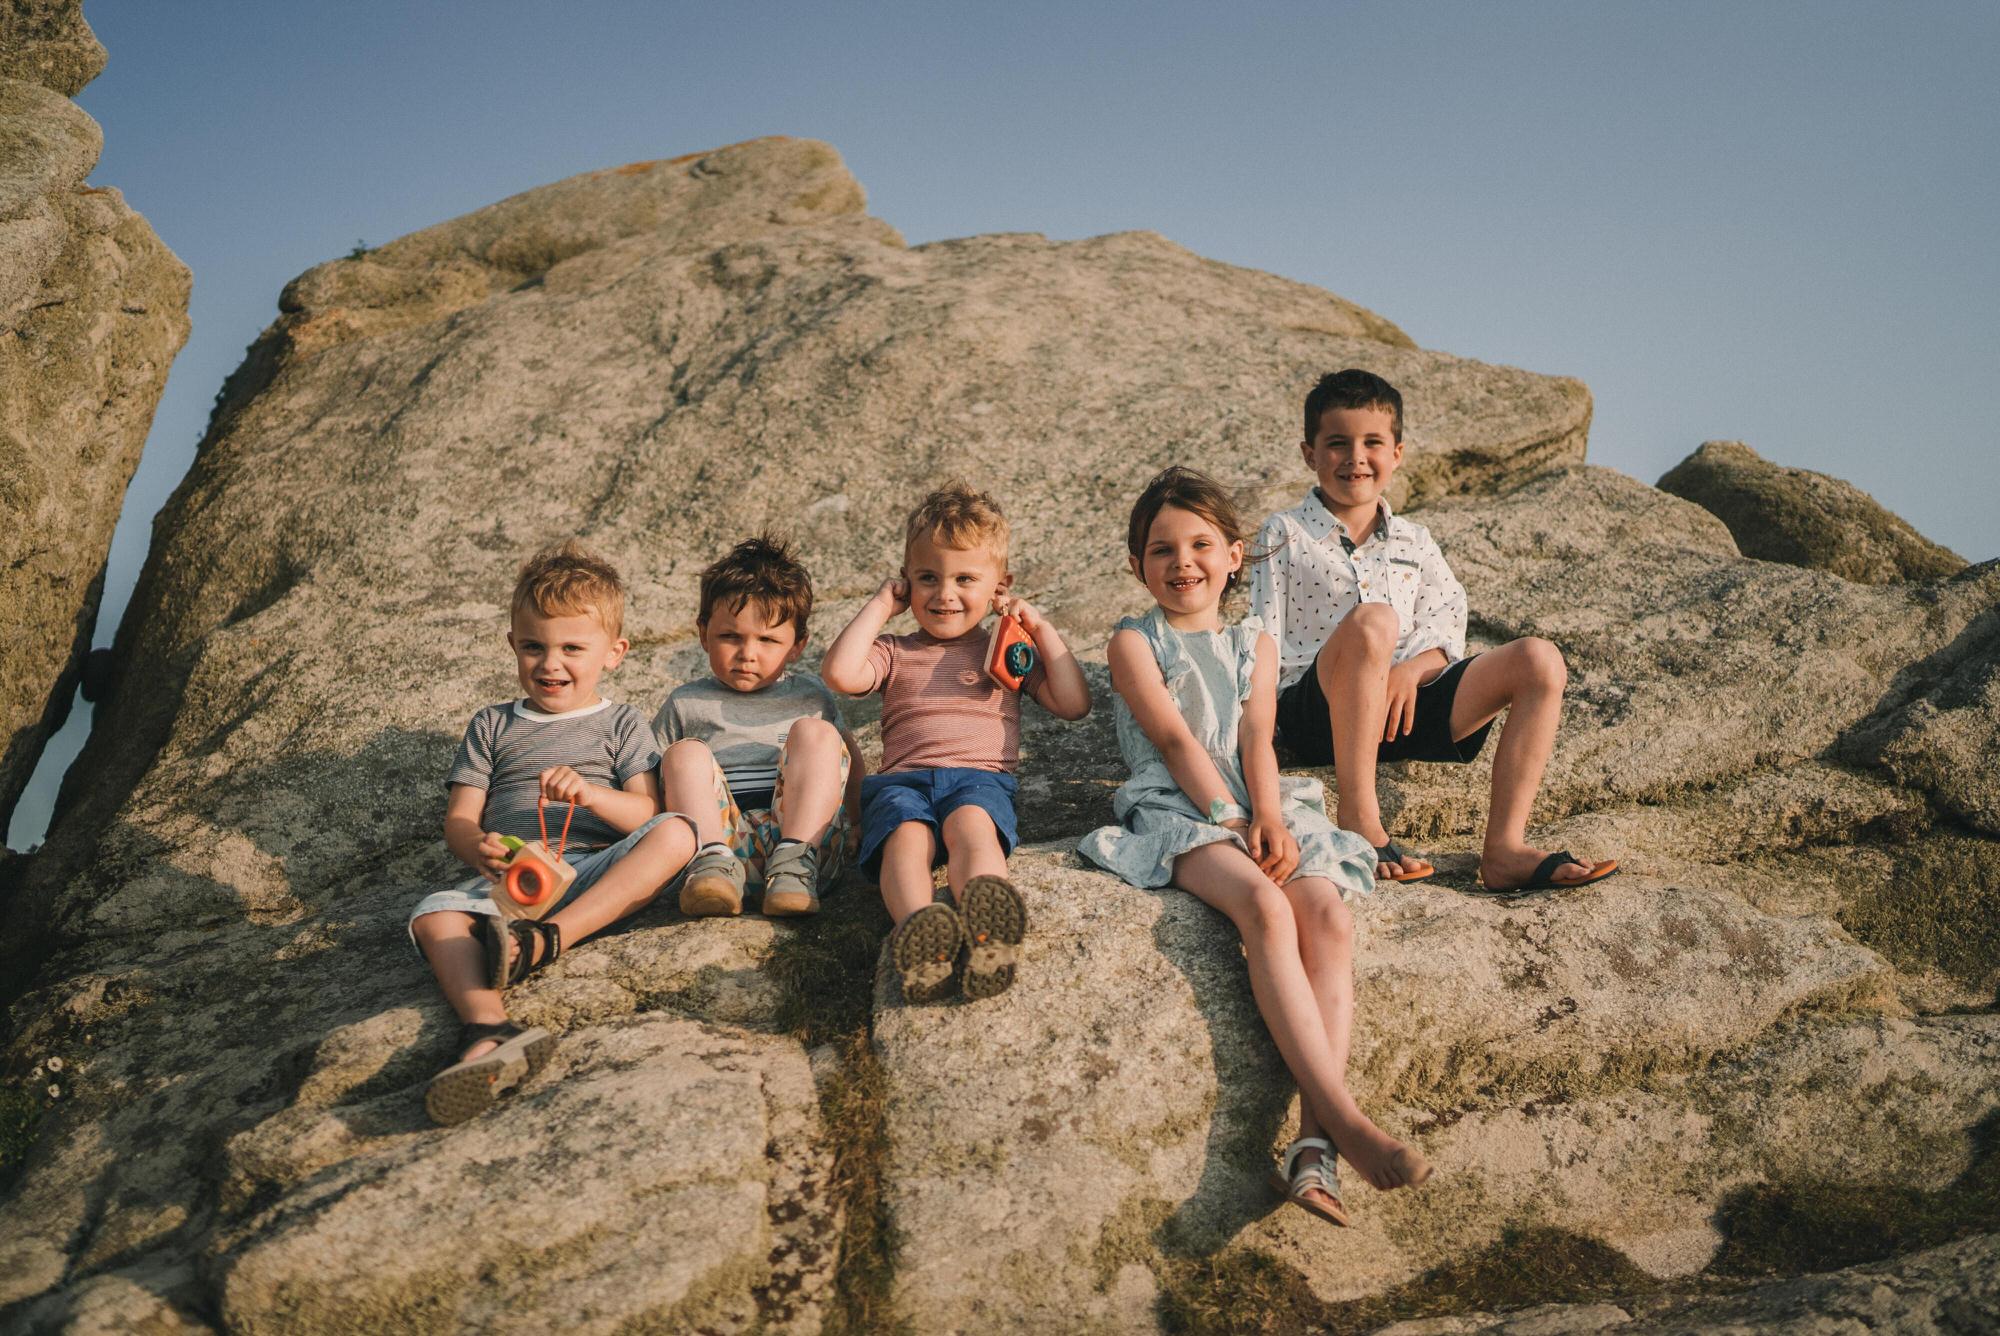 2021.07.20 Photo De Famille A Porspoder En Bretagne Par Antoine Borzeix 199, Photographe & Videaste à Brest / Finistère